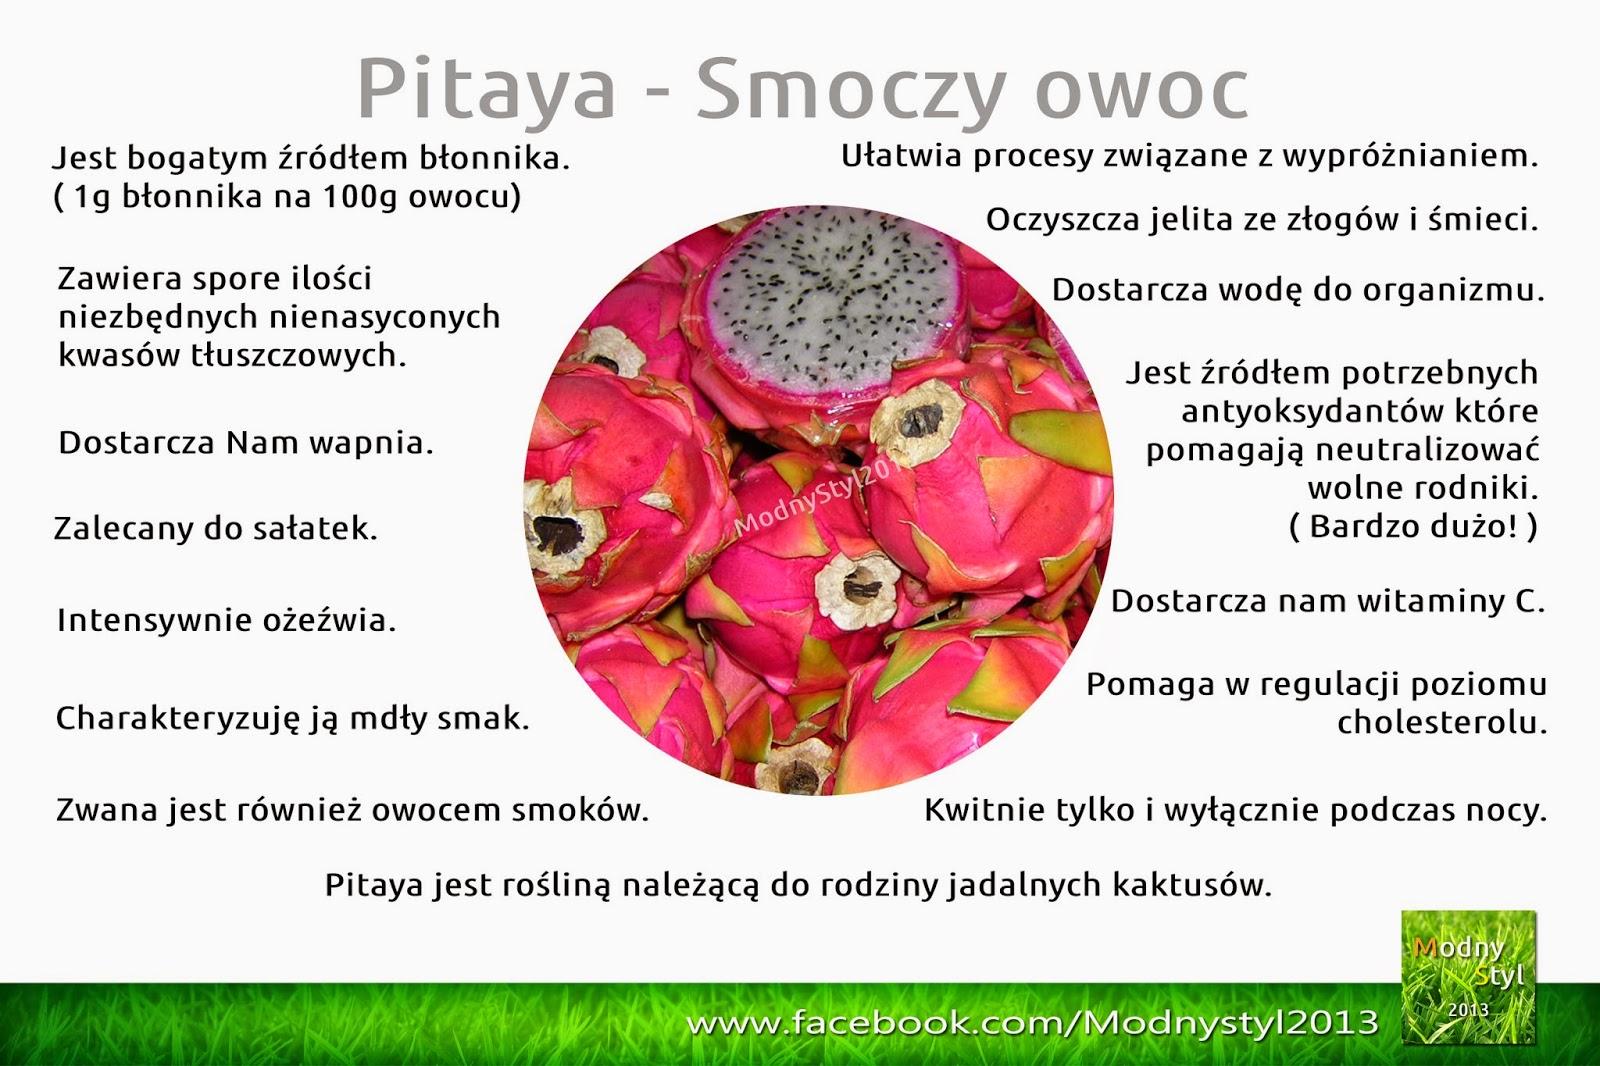 Pitaya - smoczy owoc